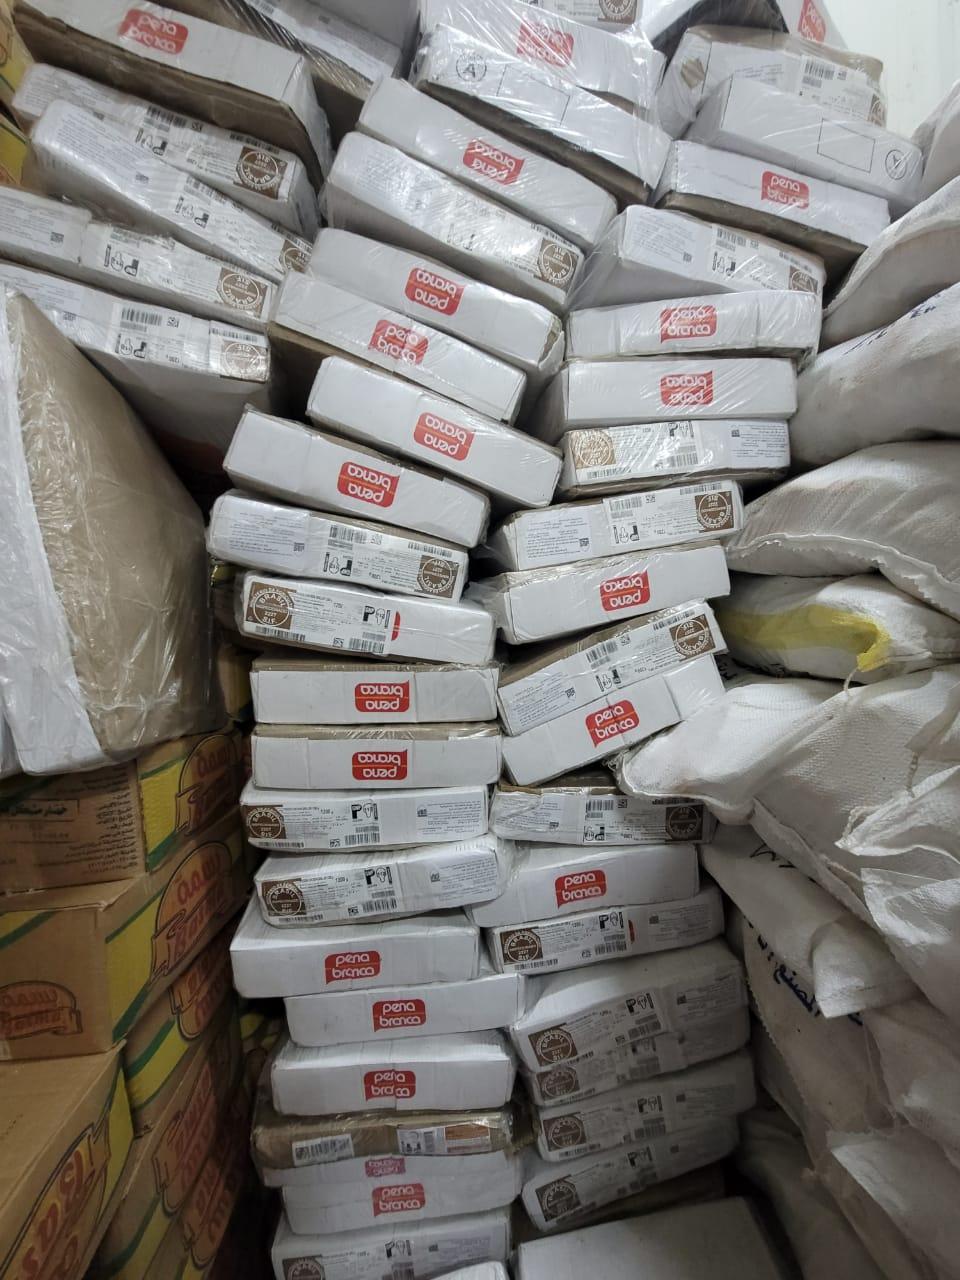 ضبط ٢٠ طن أغذية فاسدة قبل توزيعها علي المواطنين بأسيوط